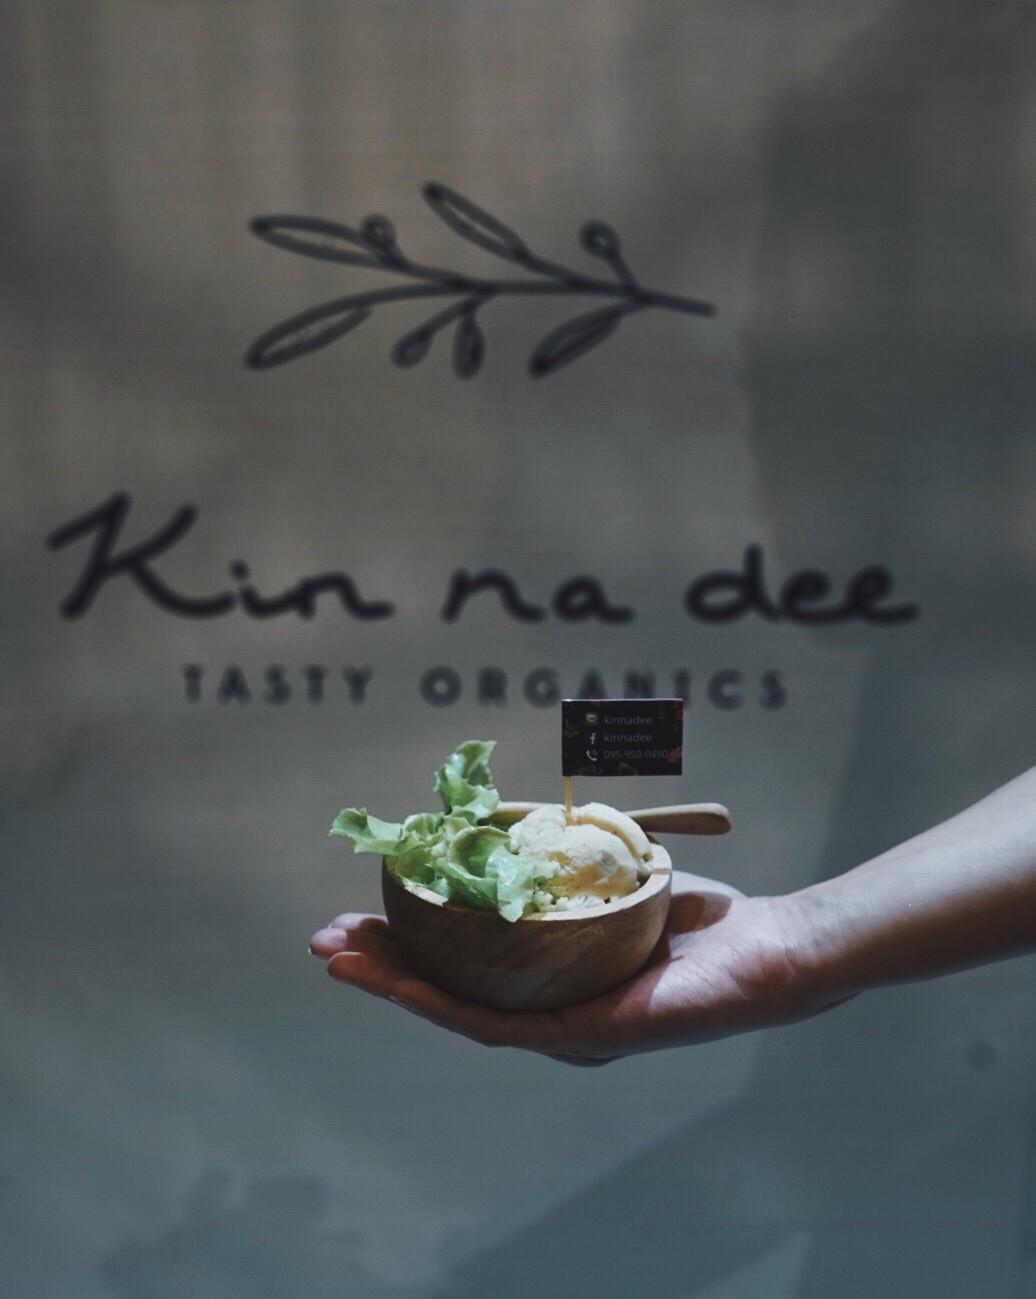 กิน ณ ดี อาหารคลีน Kinnadee Clean food